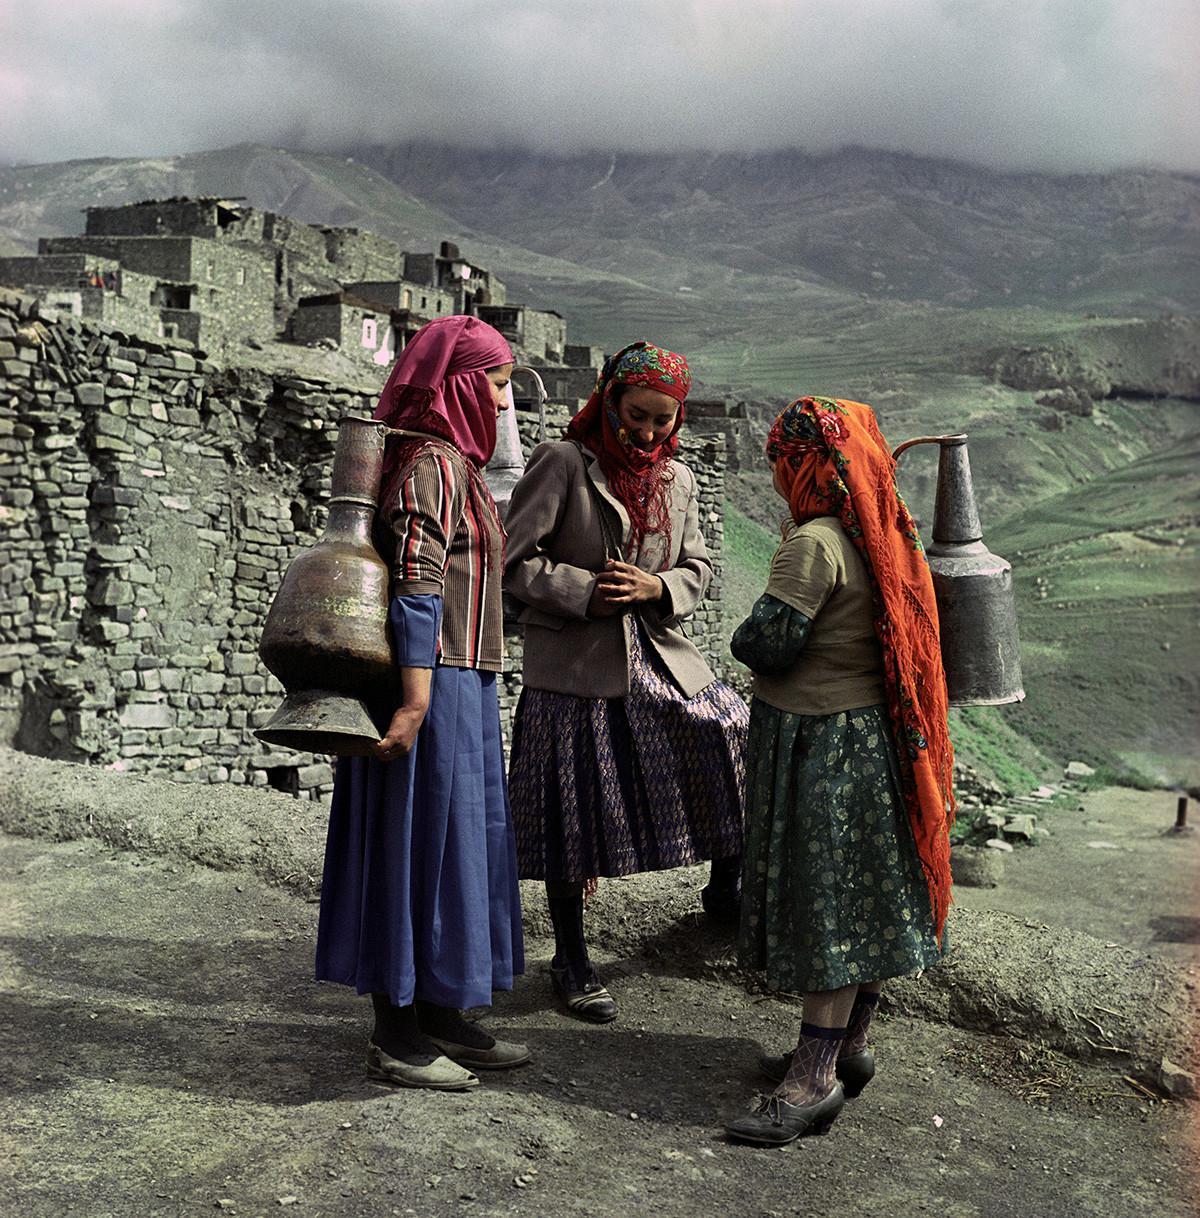 アゼルバイジャン山岳部の住民